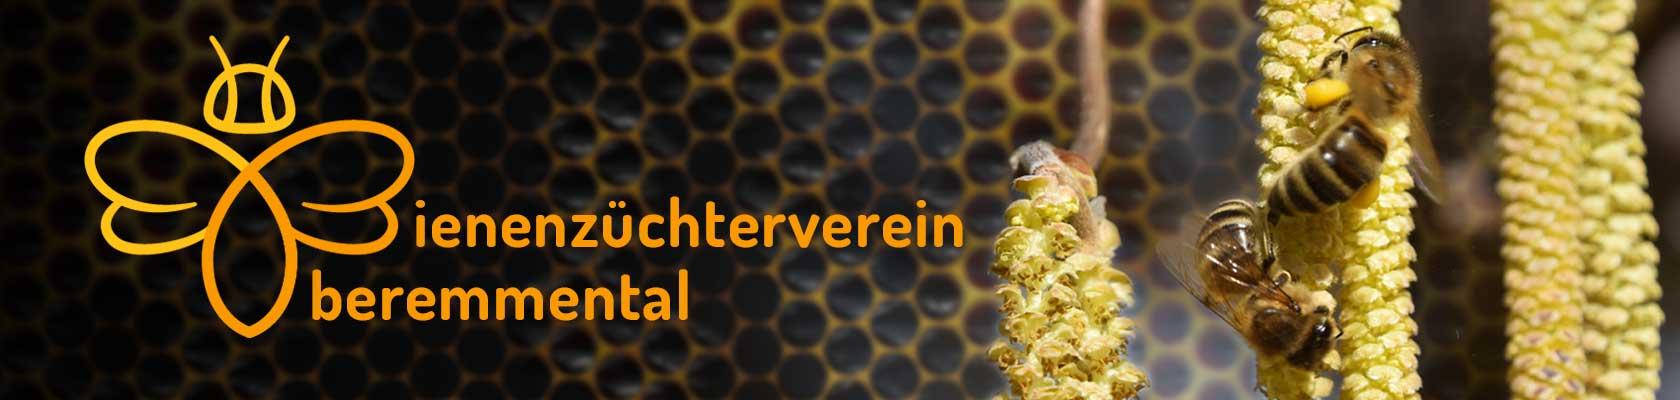 Bienenzüchterverein Oberemmental